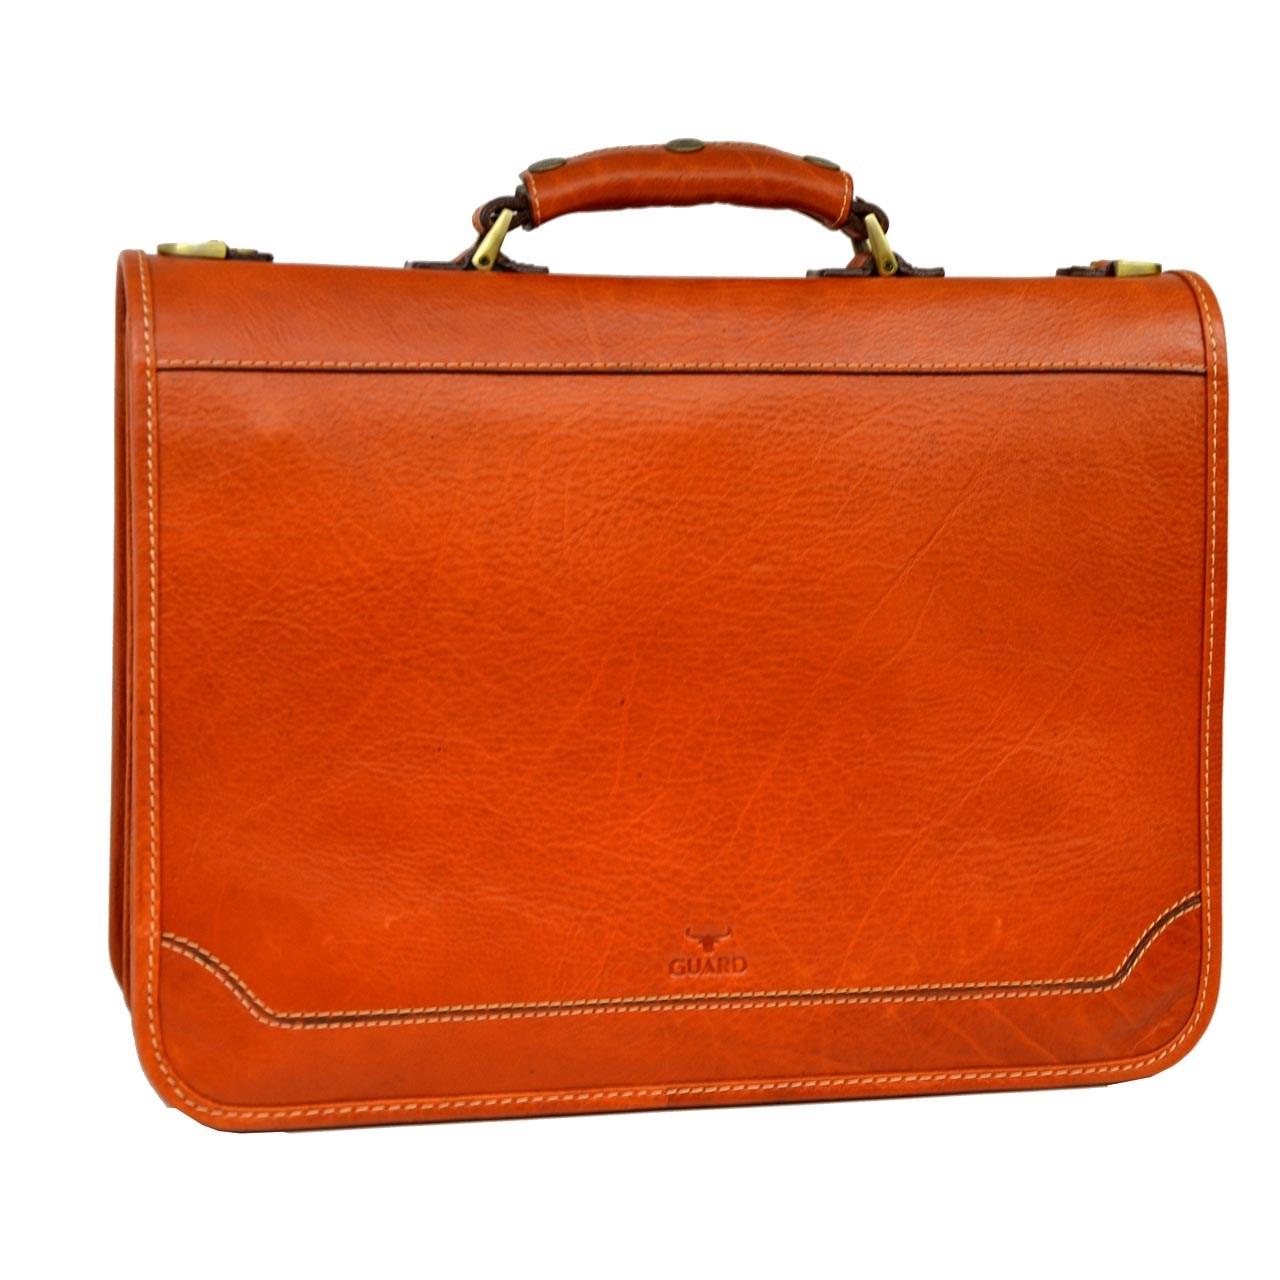 قیمت کیف اداری گارد مدل 11146